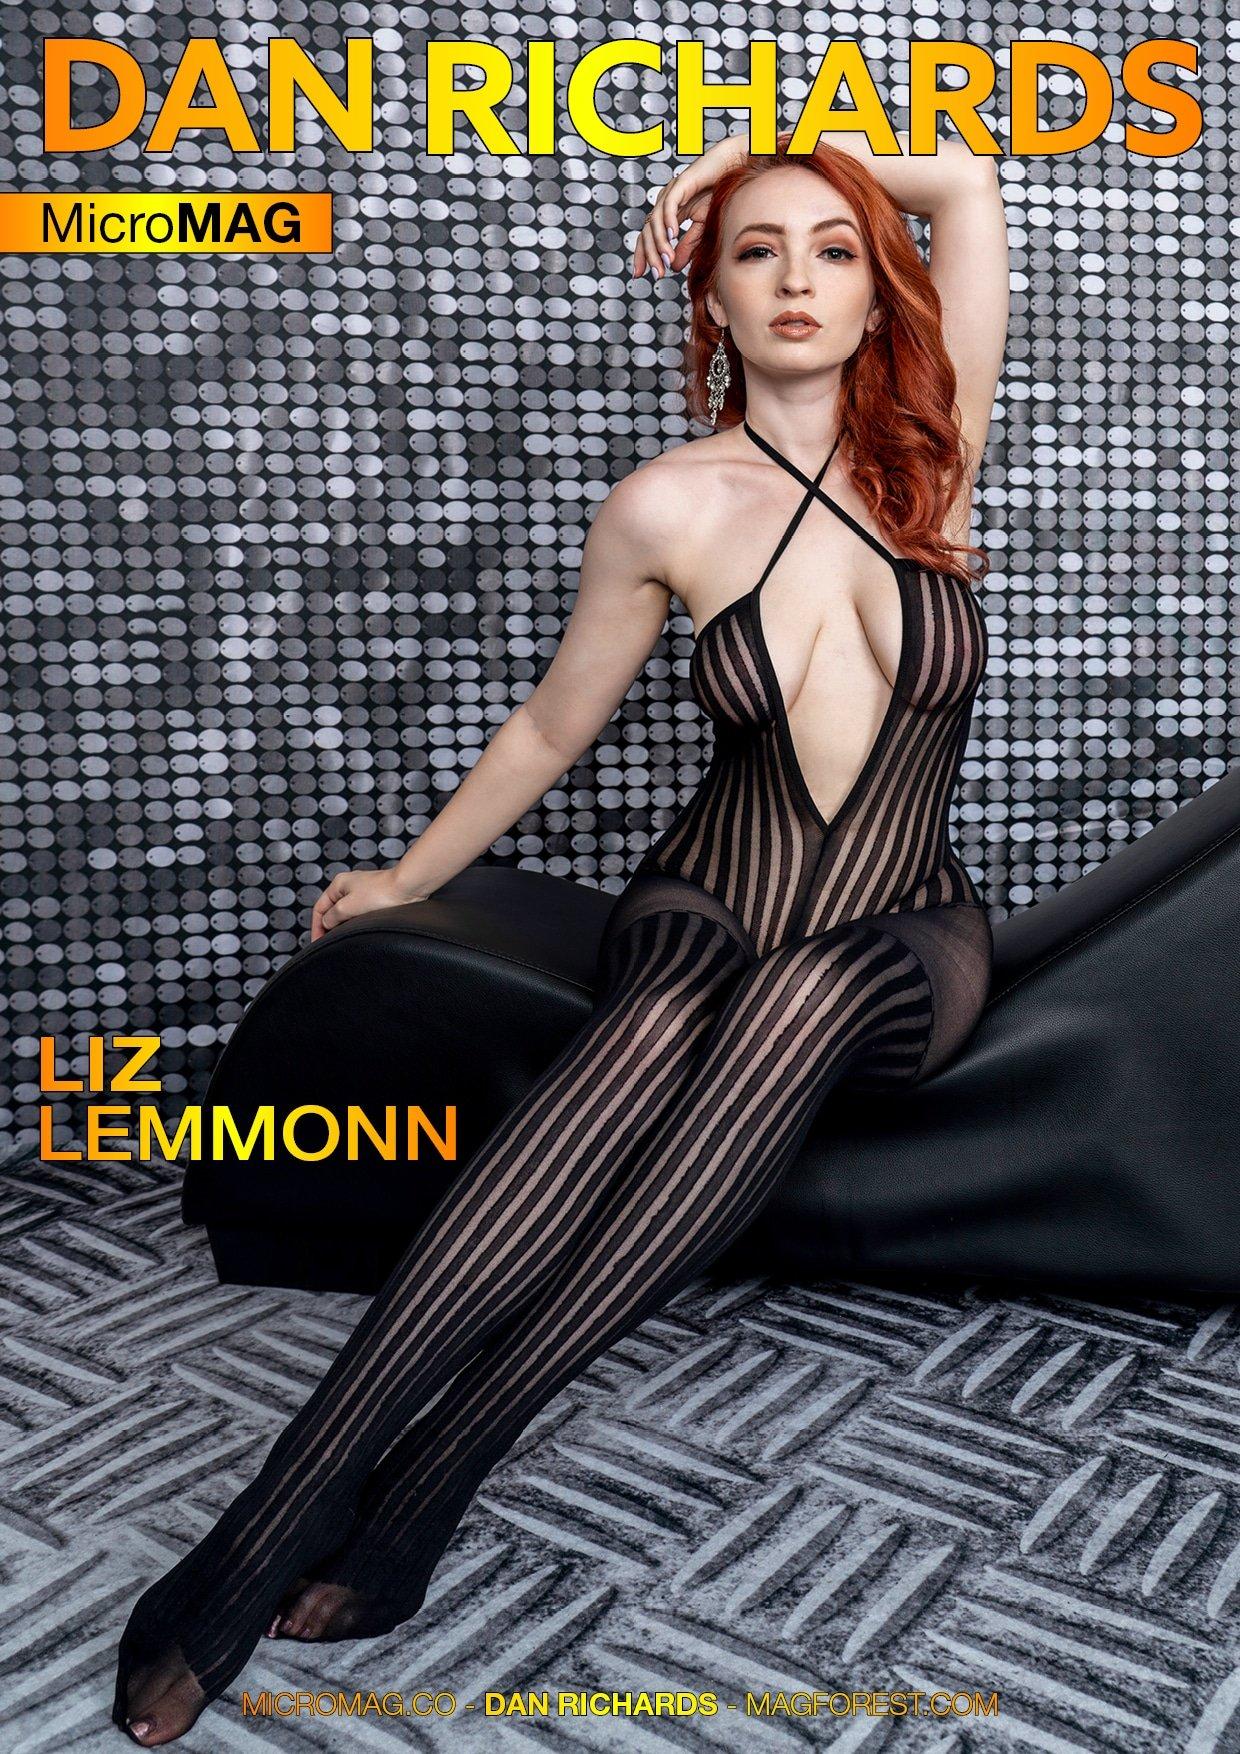 Dan Richards MicroMAG - Liz Lemmonn - Issue 6